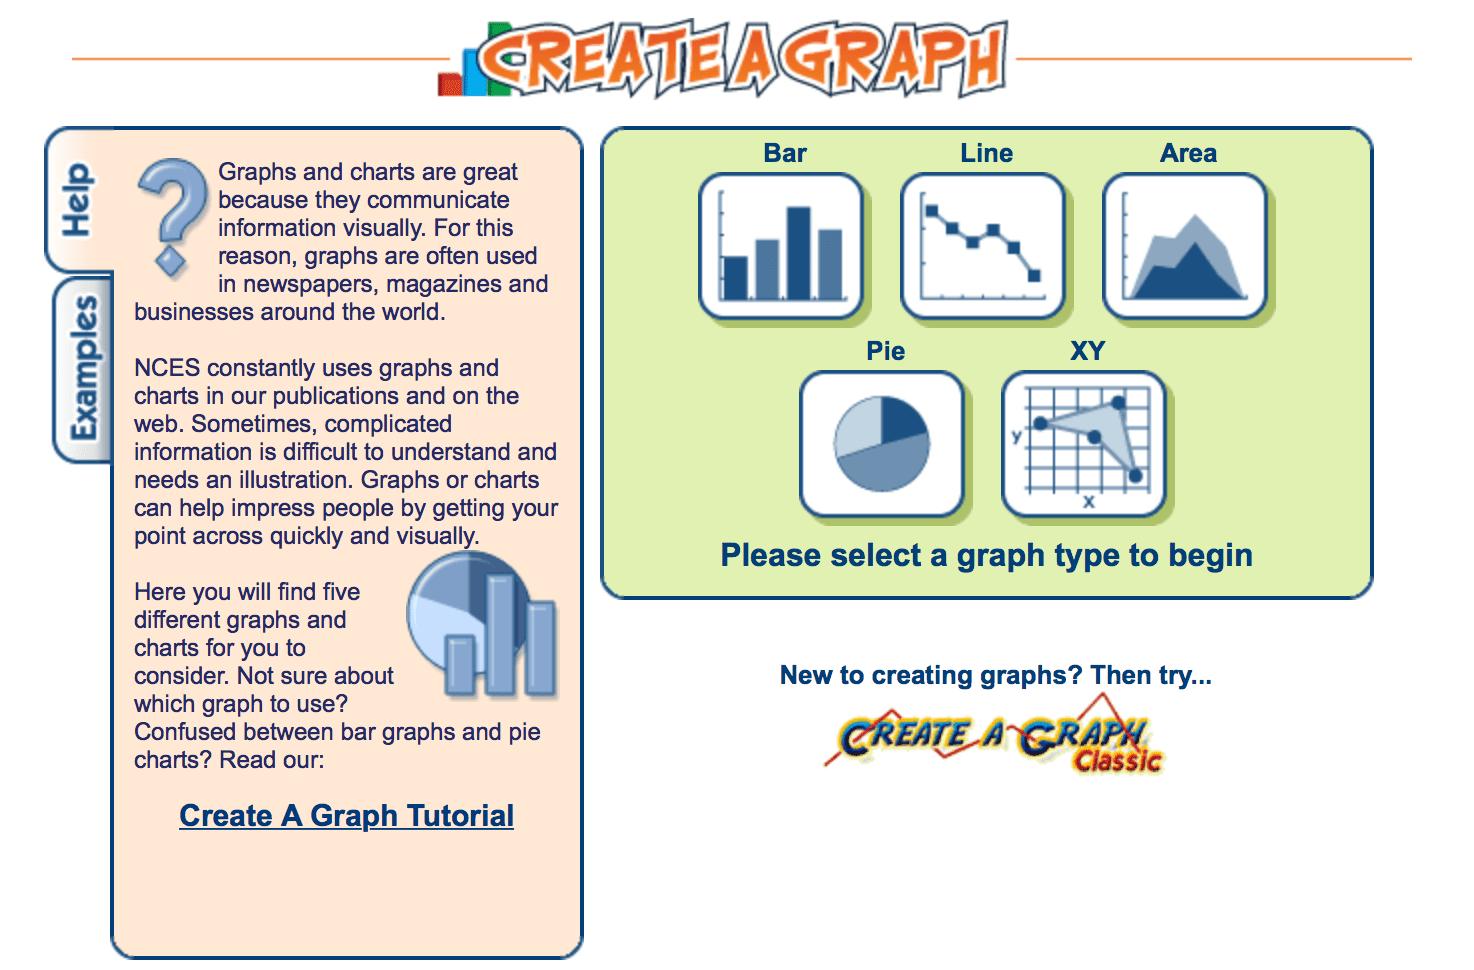 Create a graph homepage.